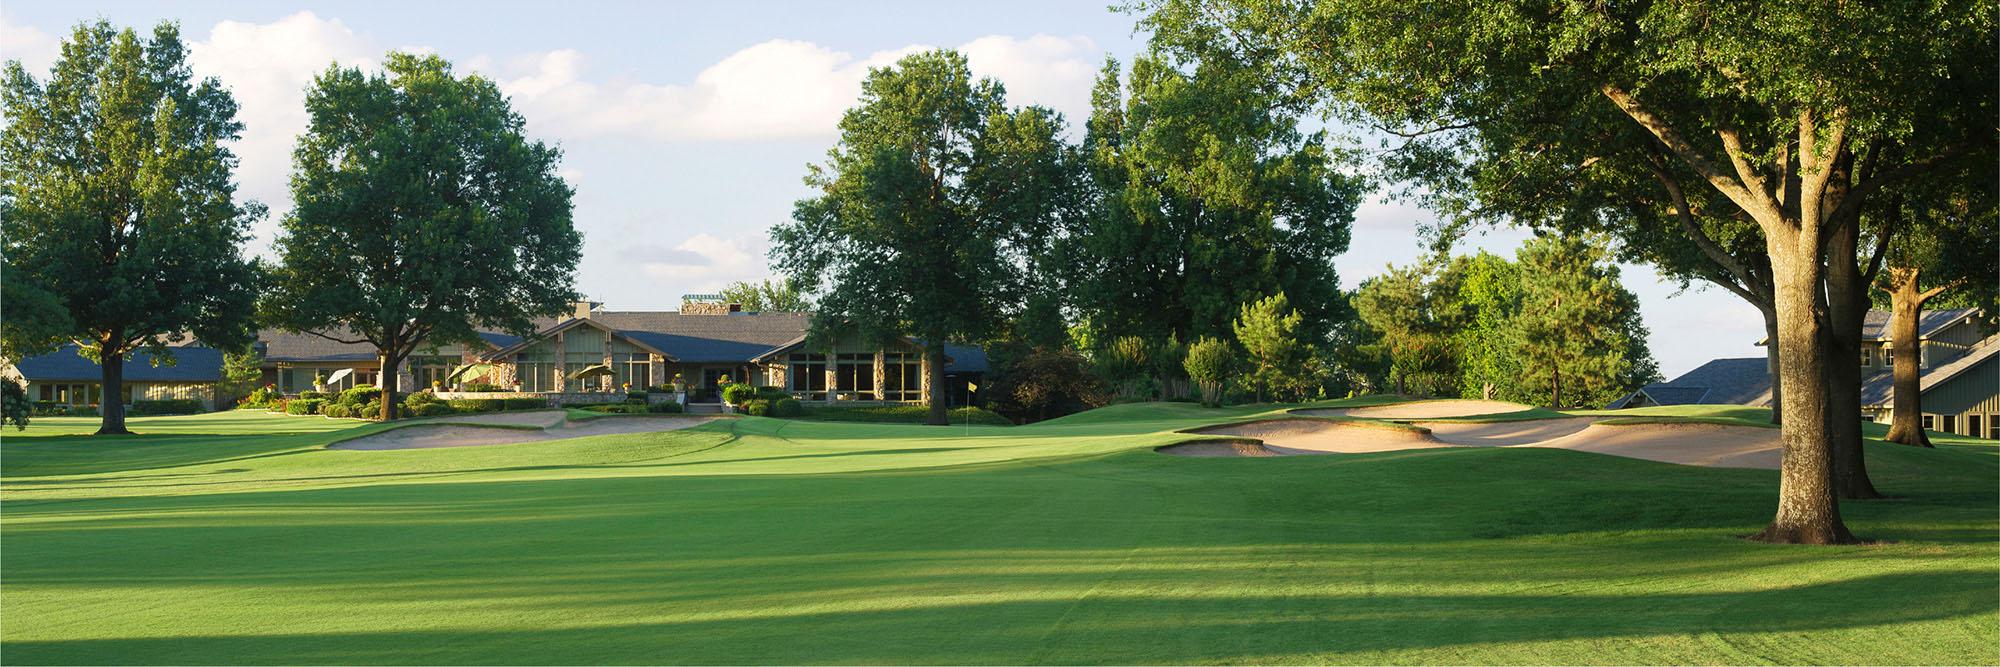 Golf Course Image - Cedar Ridge No. 18